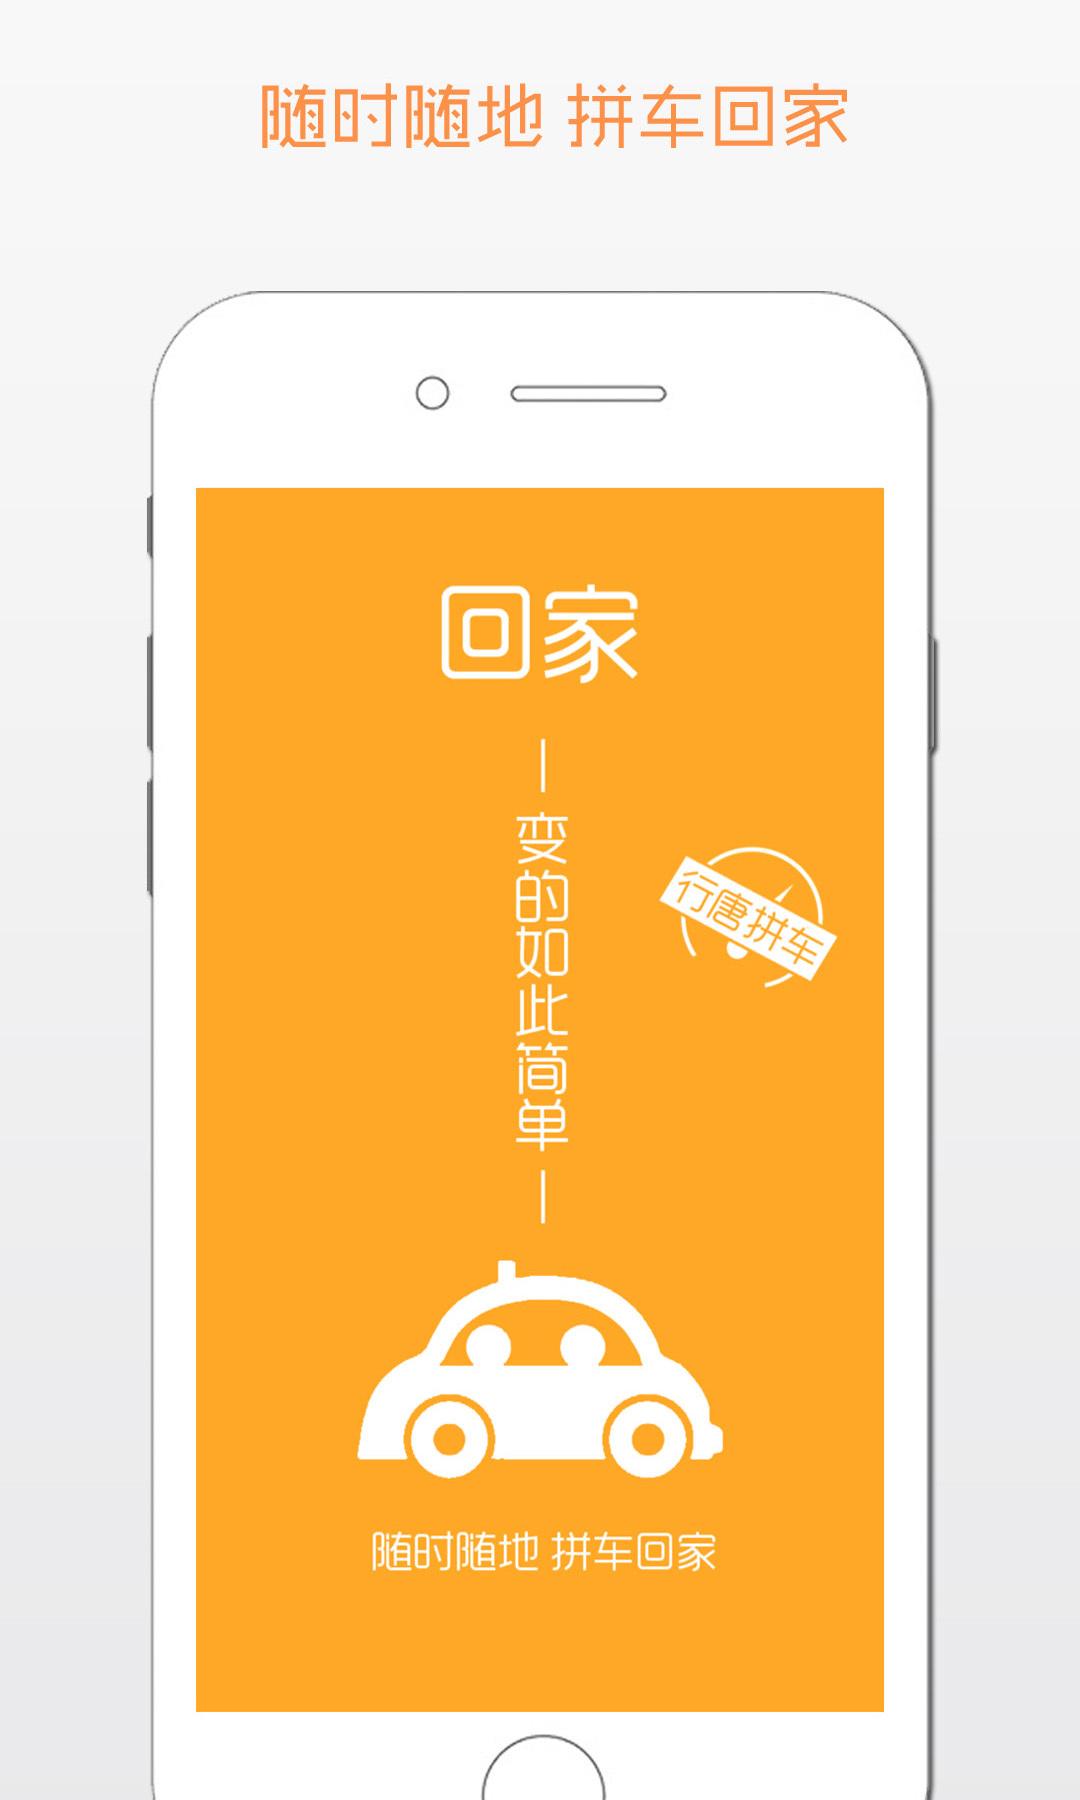 北京到行唐拼车app手机版  v1.0.0图1